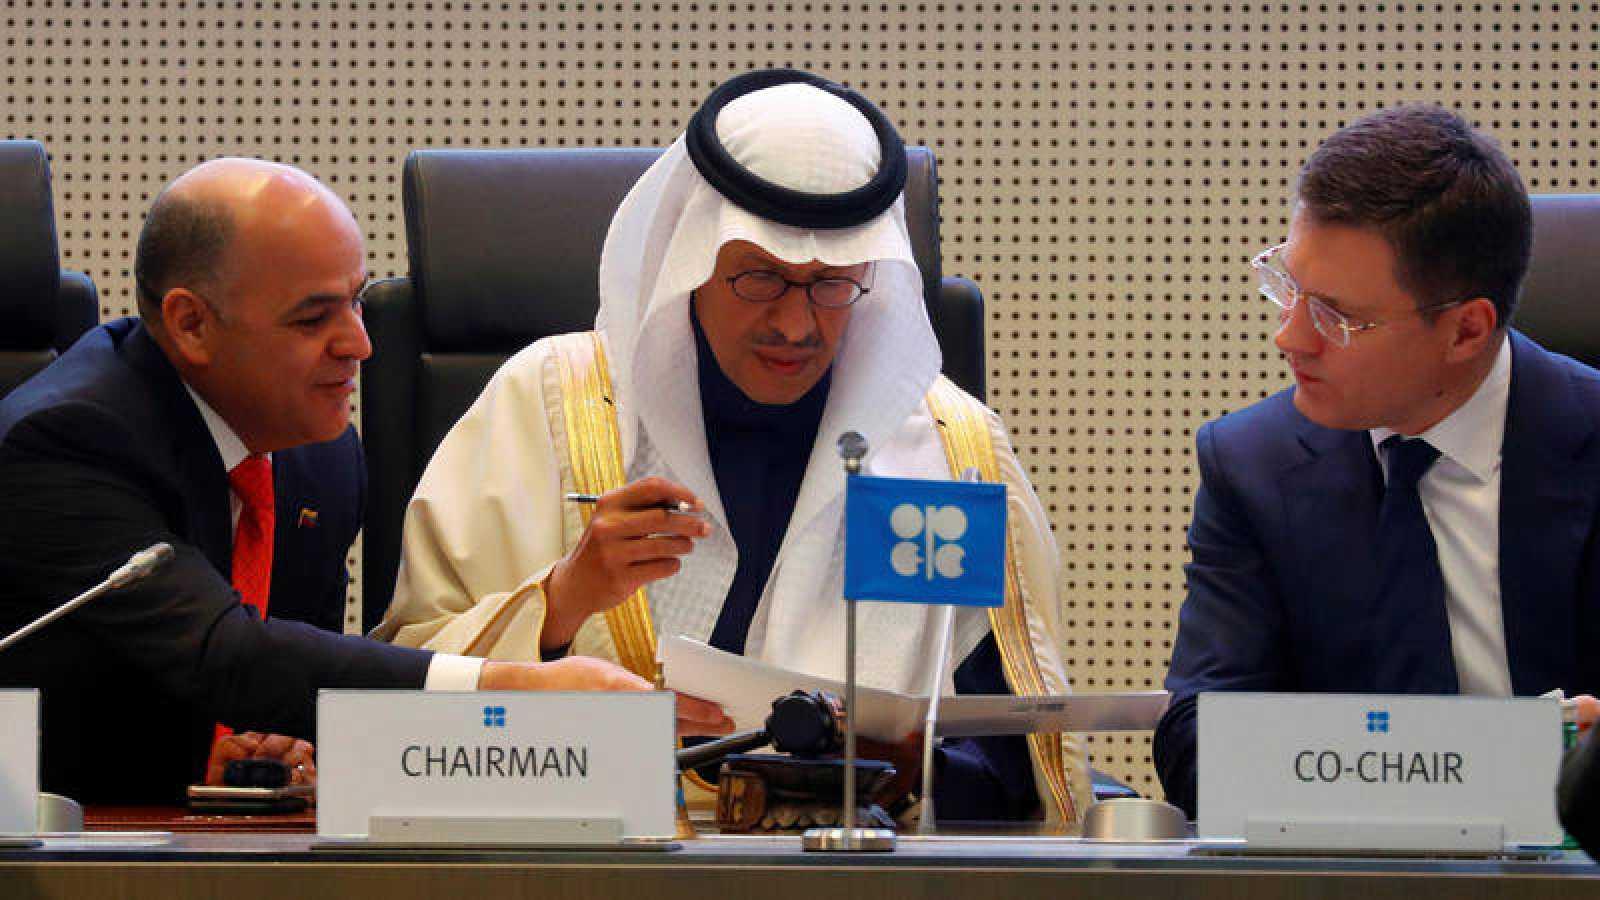 El ministro de petróleo de Venezuela,Manuel Quevedo, eministro de Energía de Arabia Saudí, el príncipe Abdelaziz bin Salman, y el ministro de Energía de Rusia, Alexandr Novak